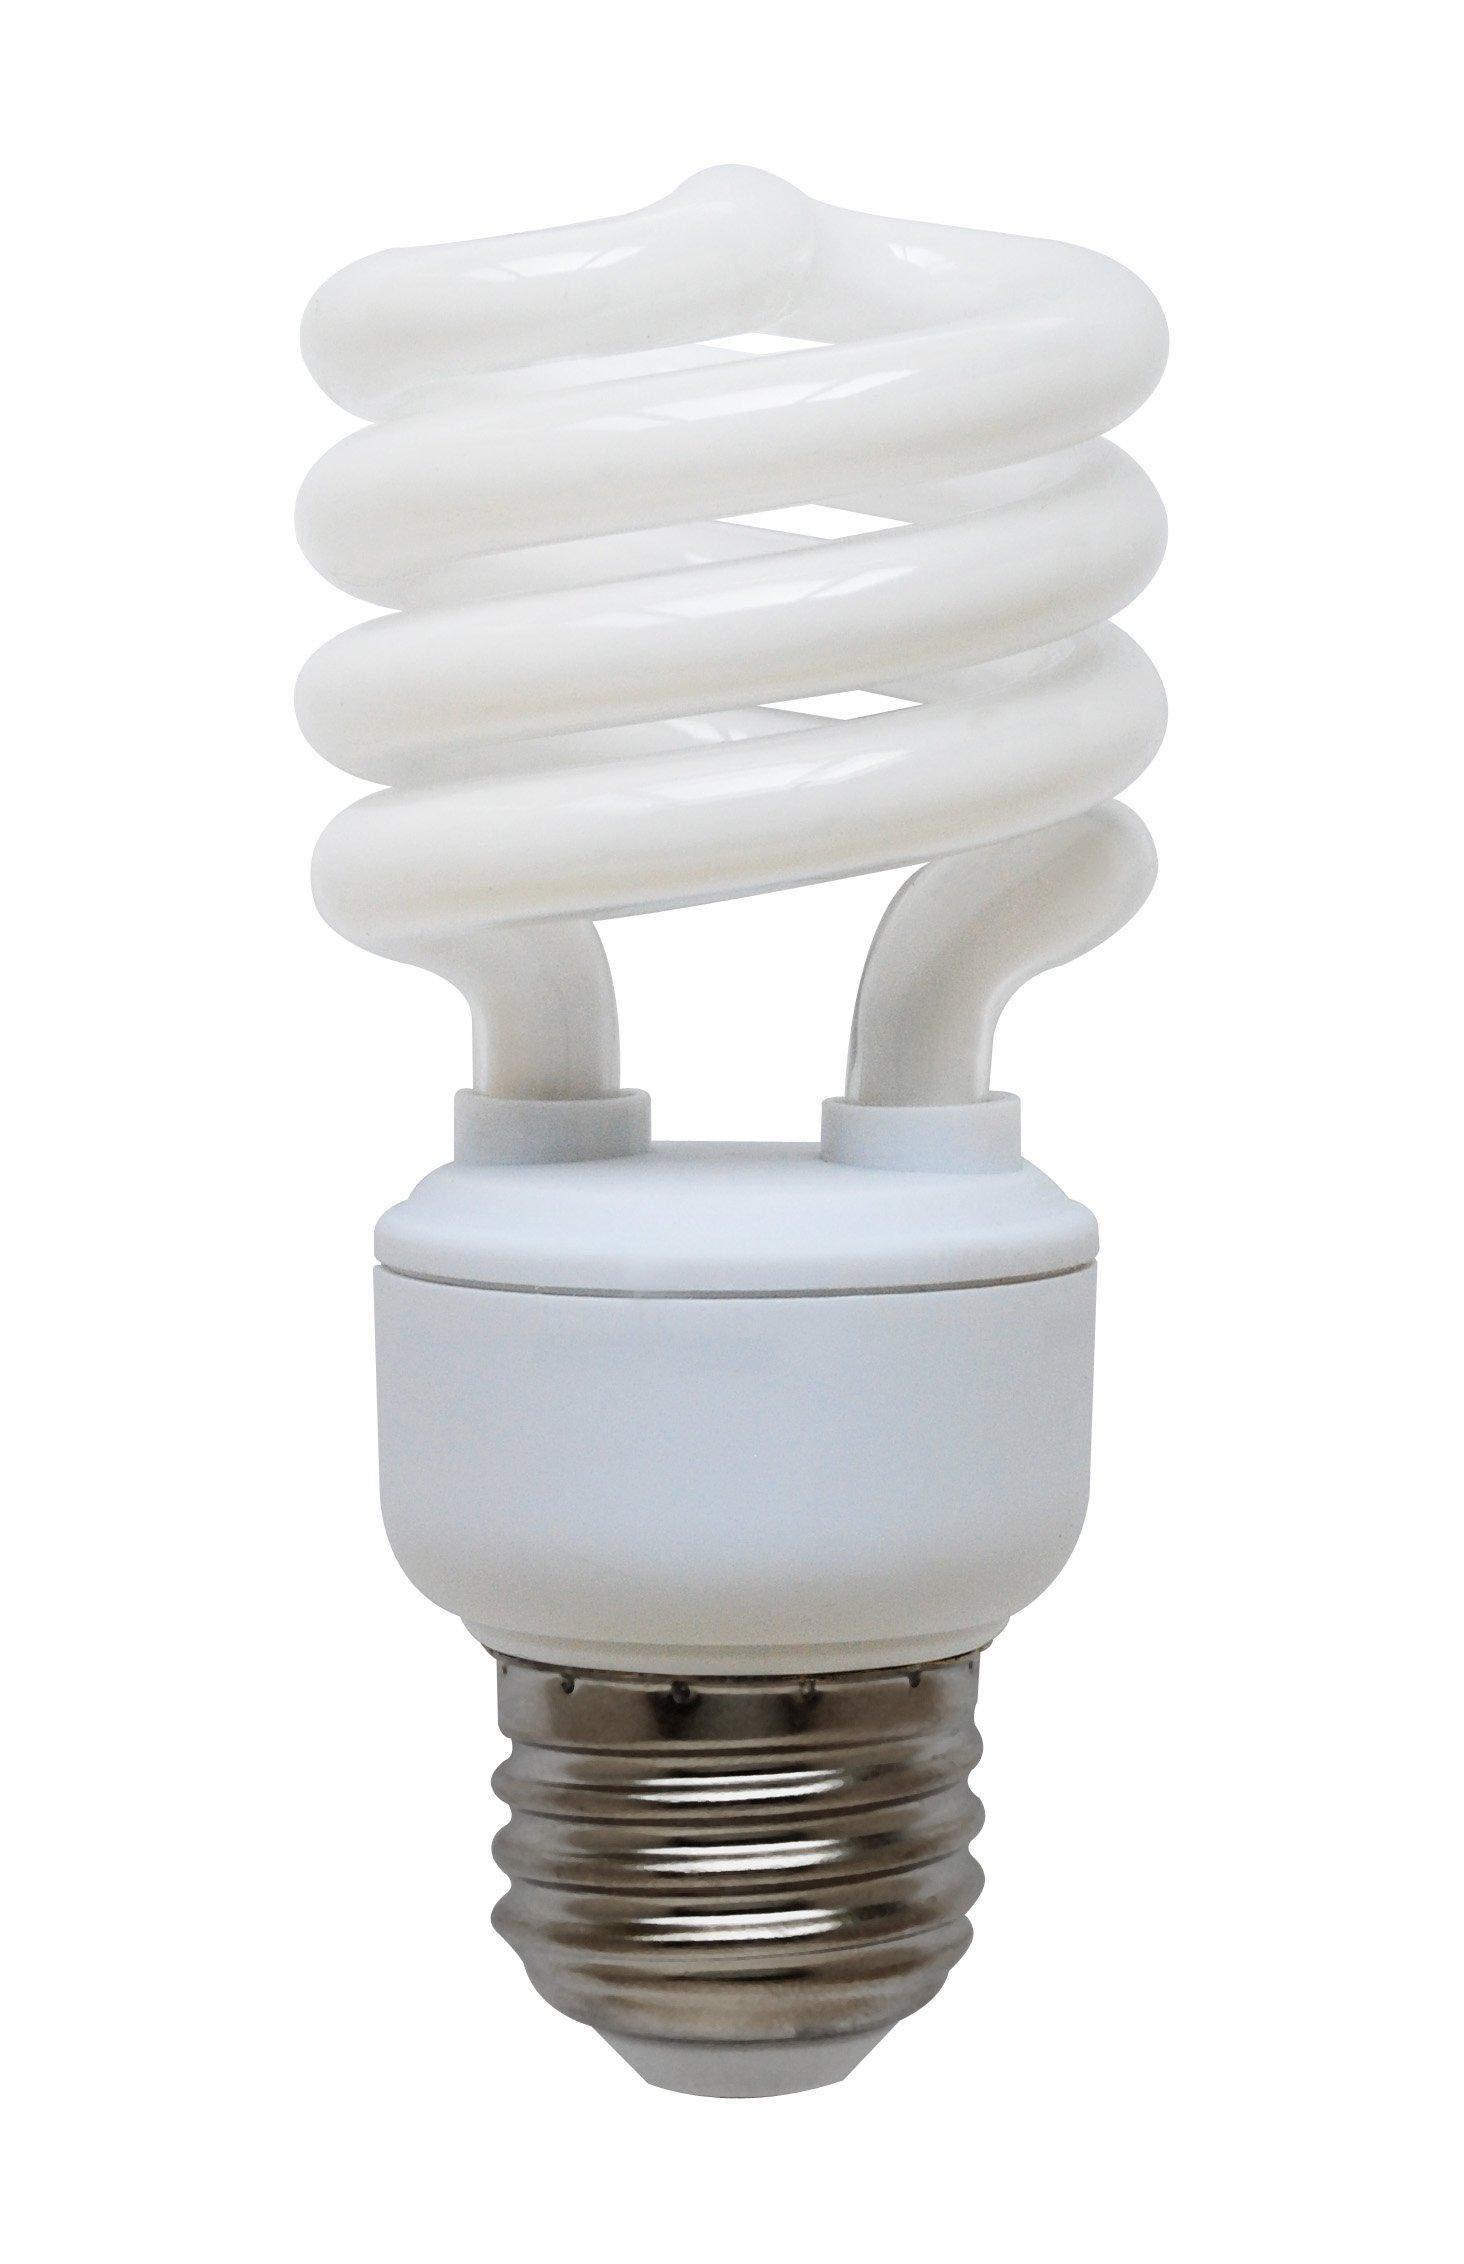 Goodlite G-10843 13-Watt CFL 60 Watt Replacement 900-Lumen T2 Spiral Light Bulb , Super Long 12,000 hour life (10.9 Years) 25-Pack